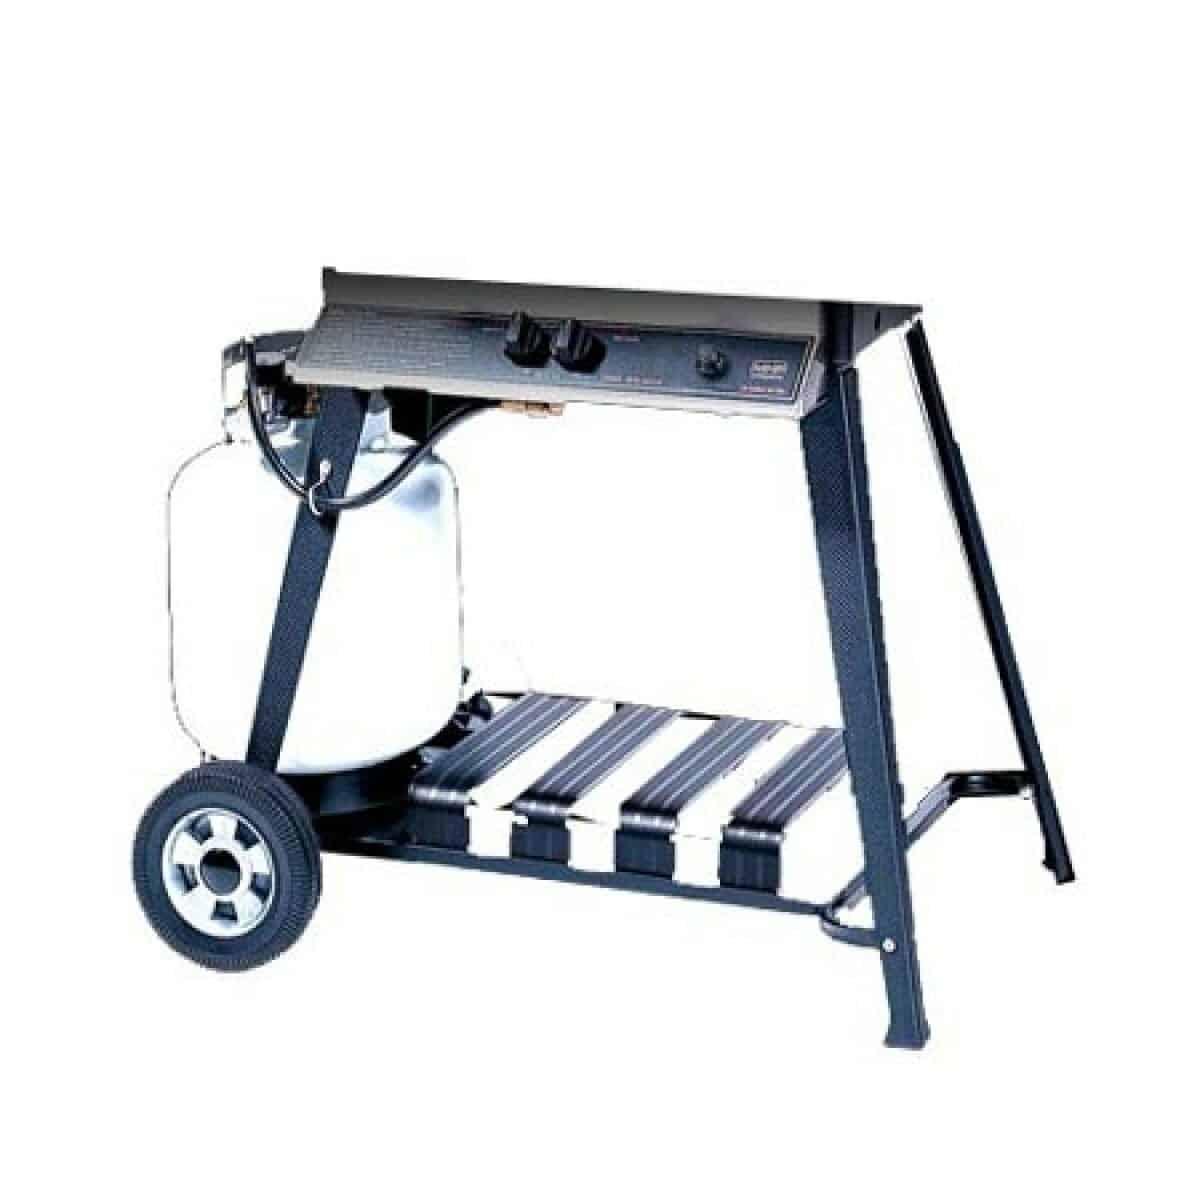 JCP4, 4 Legged Cart for JNR